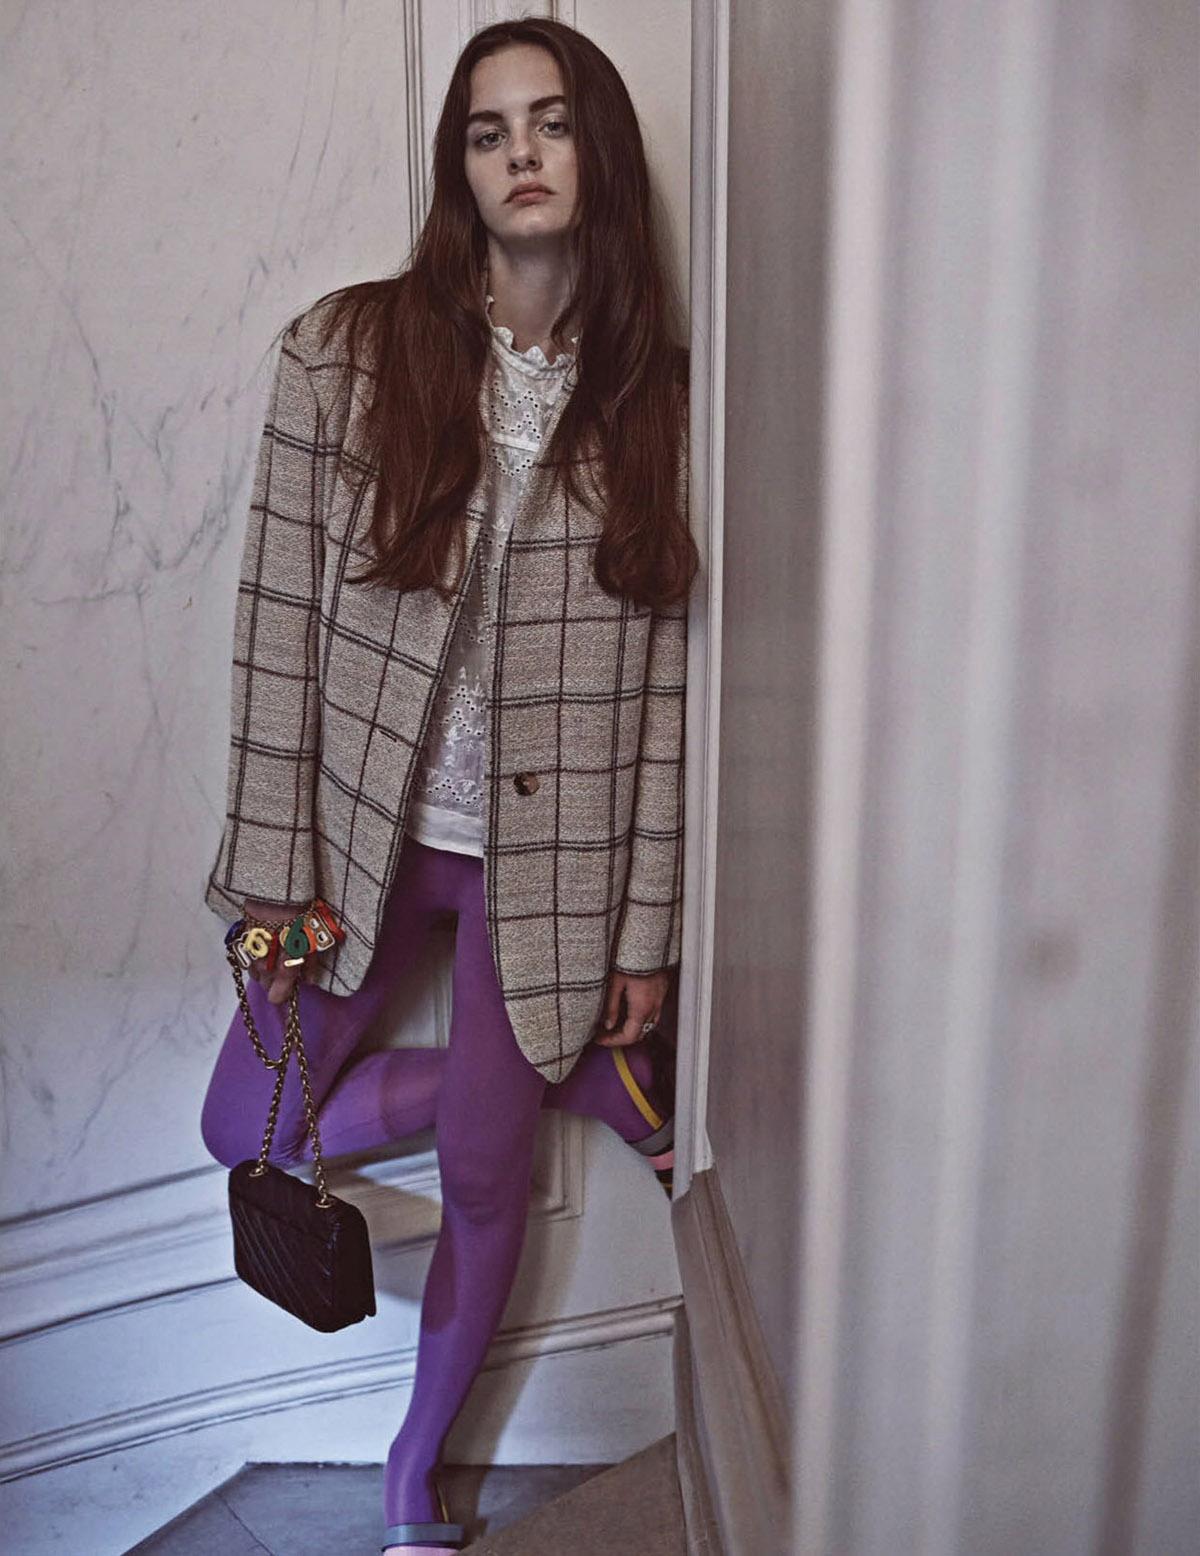 блейзер из шерсти в стиле оверсайз, блуза из шитья, Isabel Marant; колготки, сумка, браслет, Balenciaga; туфли, Pierre Hardy